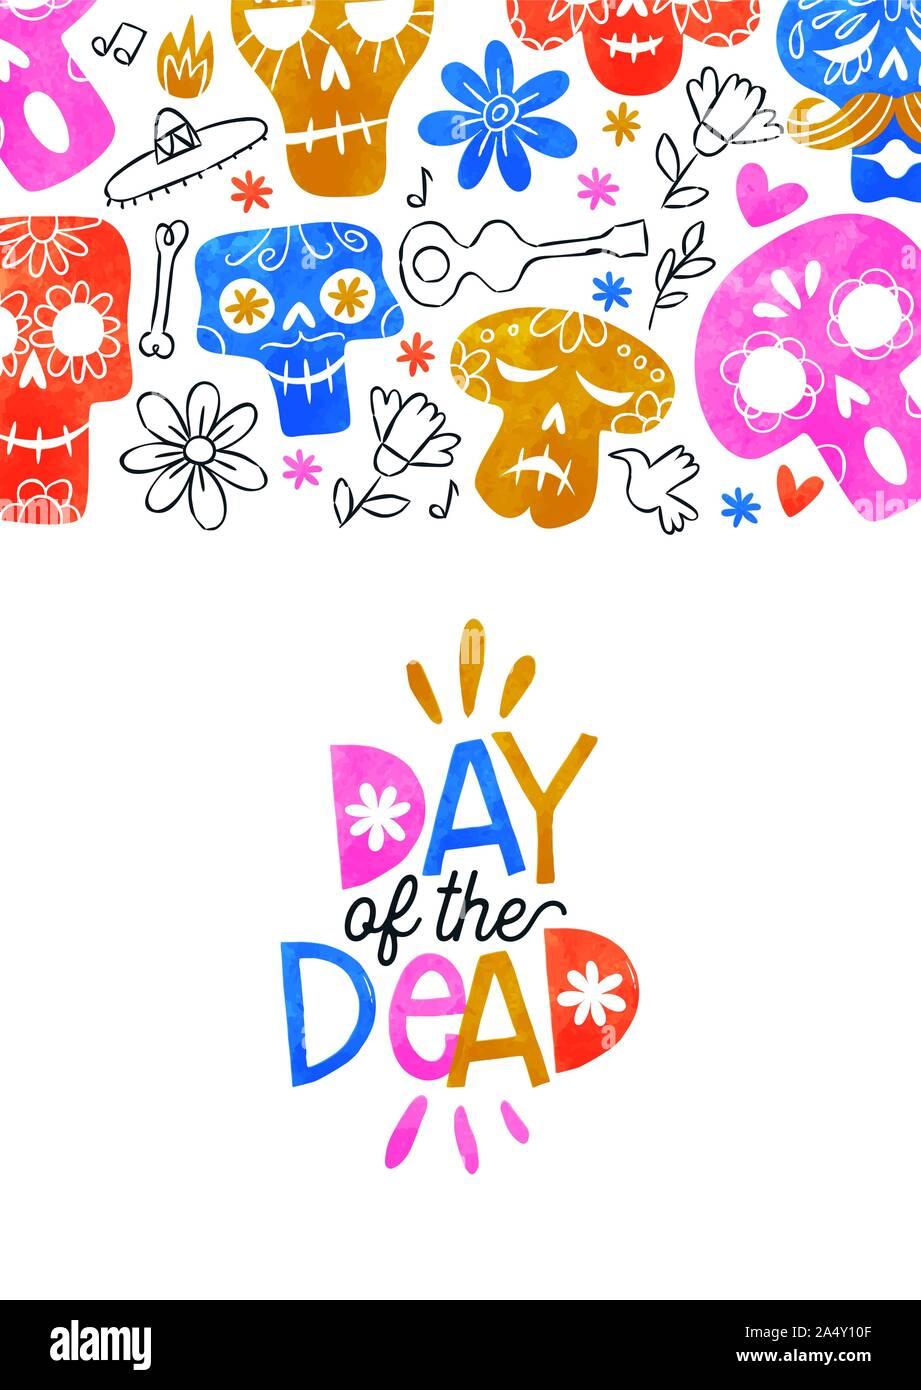 Le Jour des morts, l'illustration de carte de vœux aquarelle colorée crânes en sucre et la culture du Mexique à la main des icônes pour les cas de vacances traditionnelle mexicaine Illustration de Vecteur